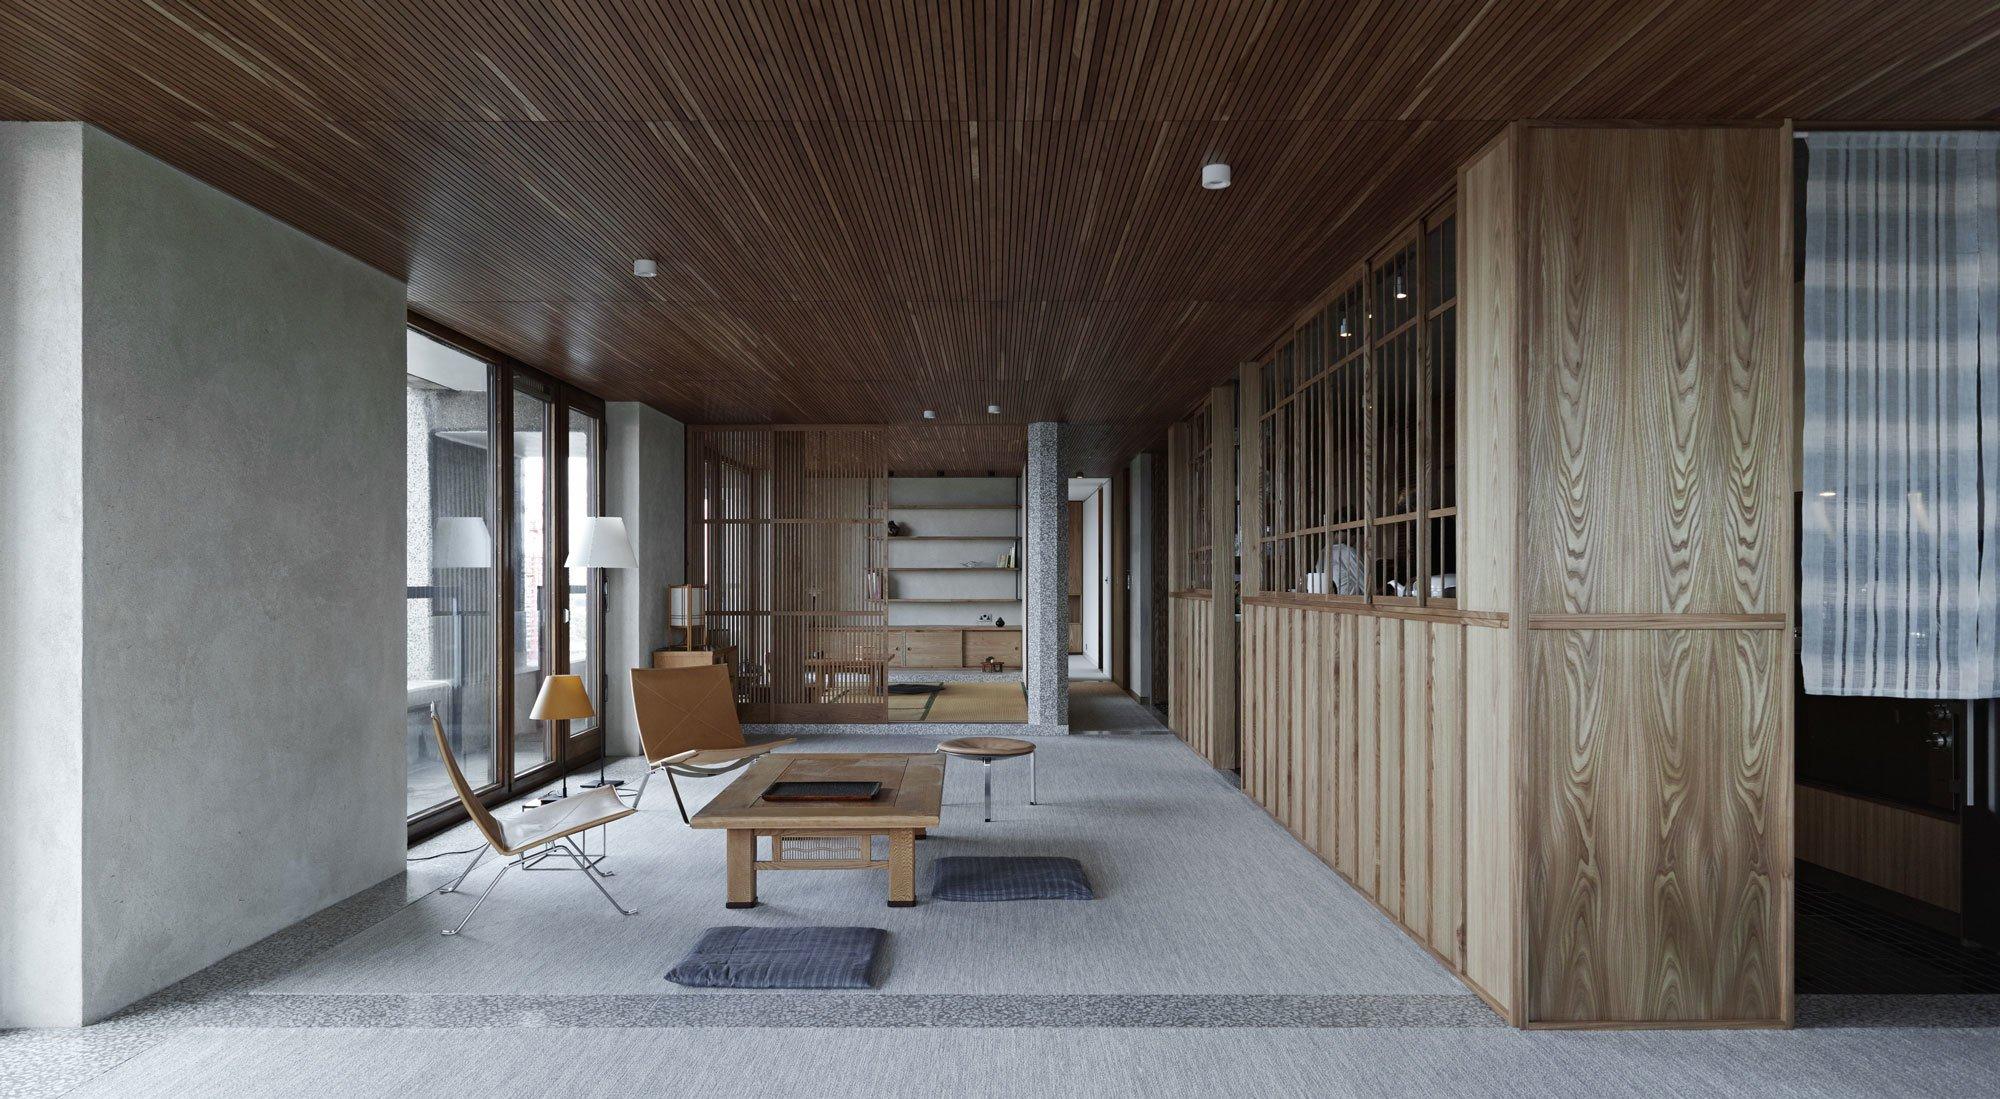 Takero Shimazaki Architects gestalteten ein Apartment im Londoner Barbican-Komplex, das westliche und fernöstliche Konzepte harmonisch miteinander verwebt.